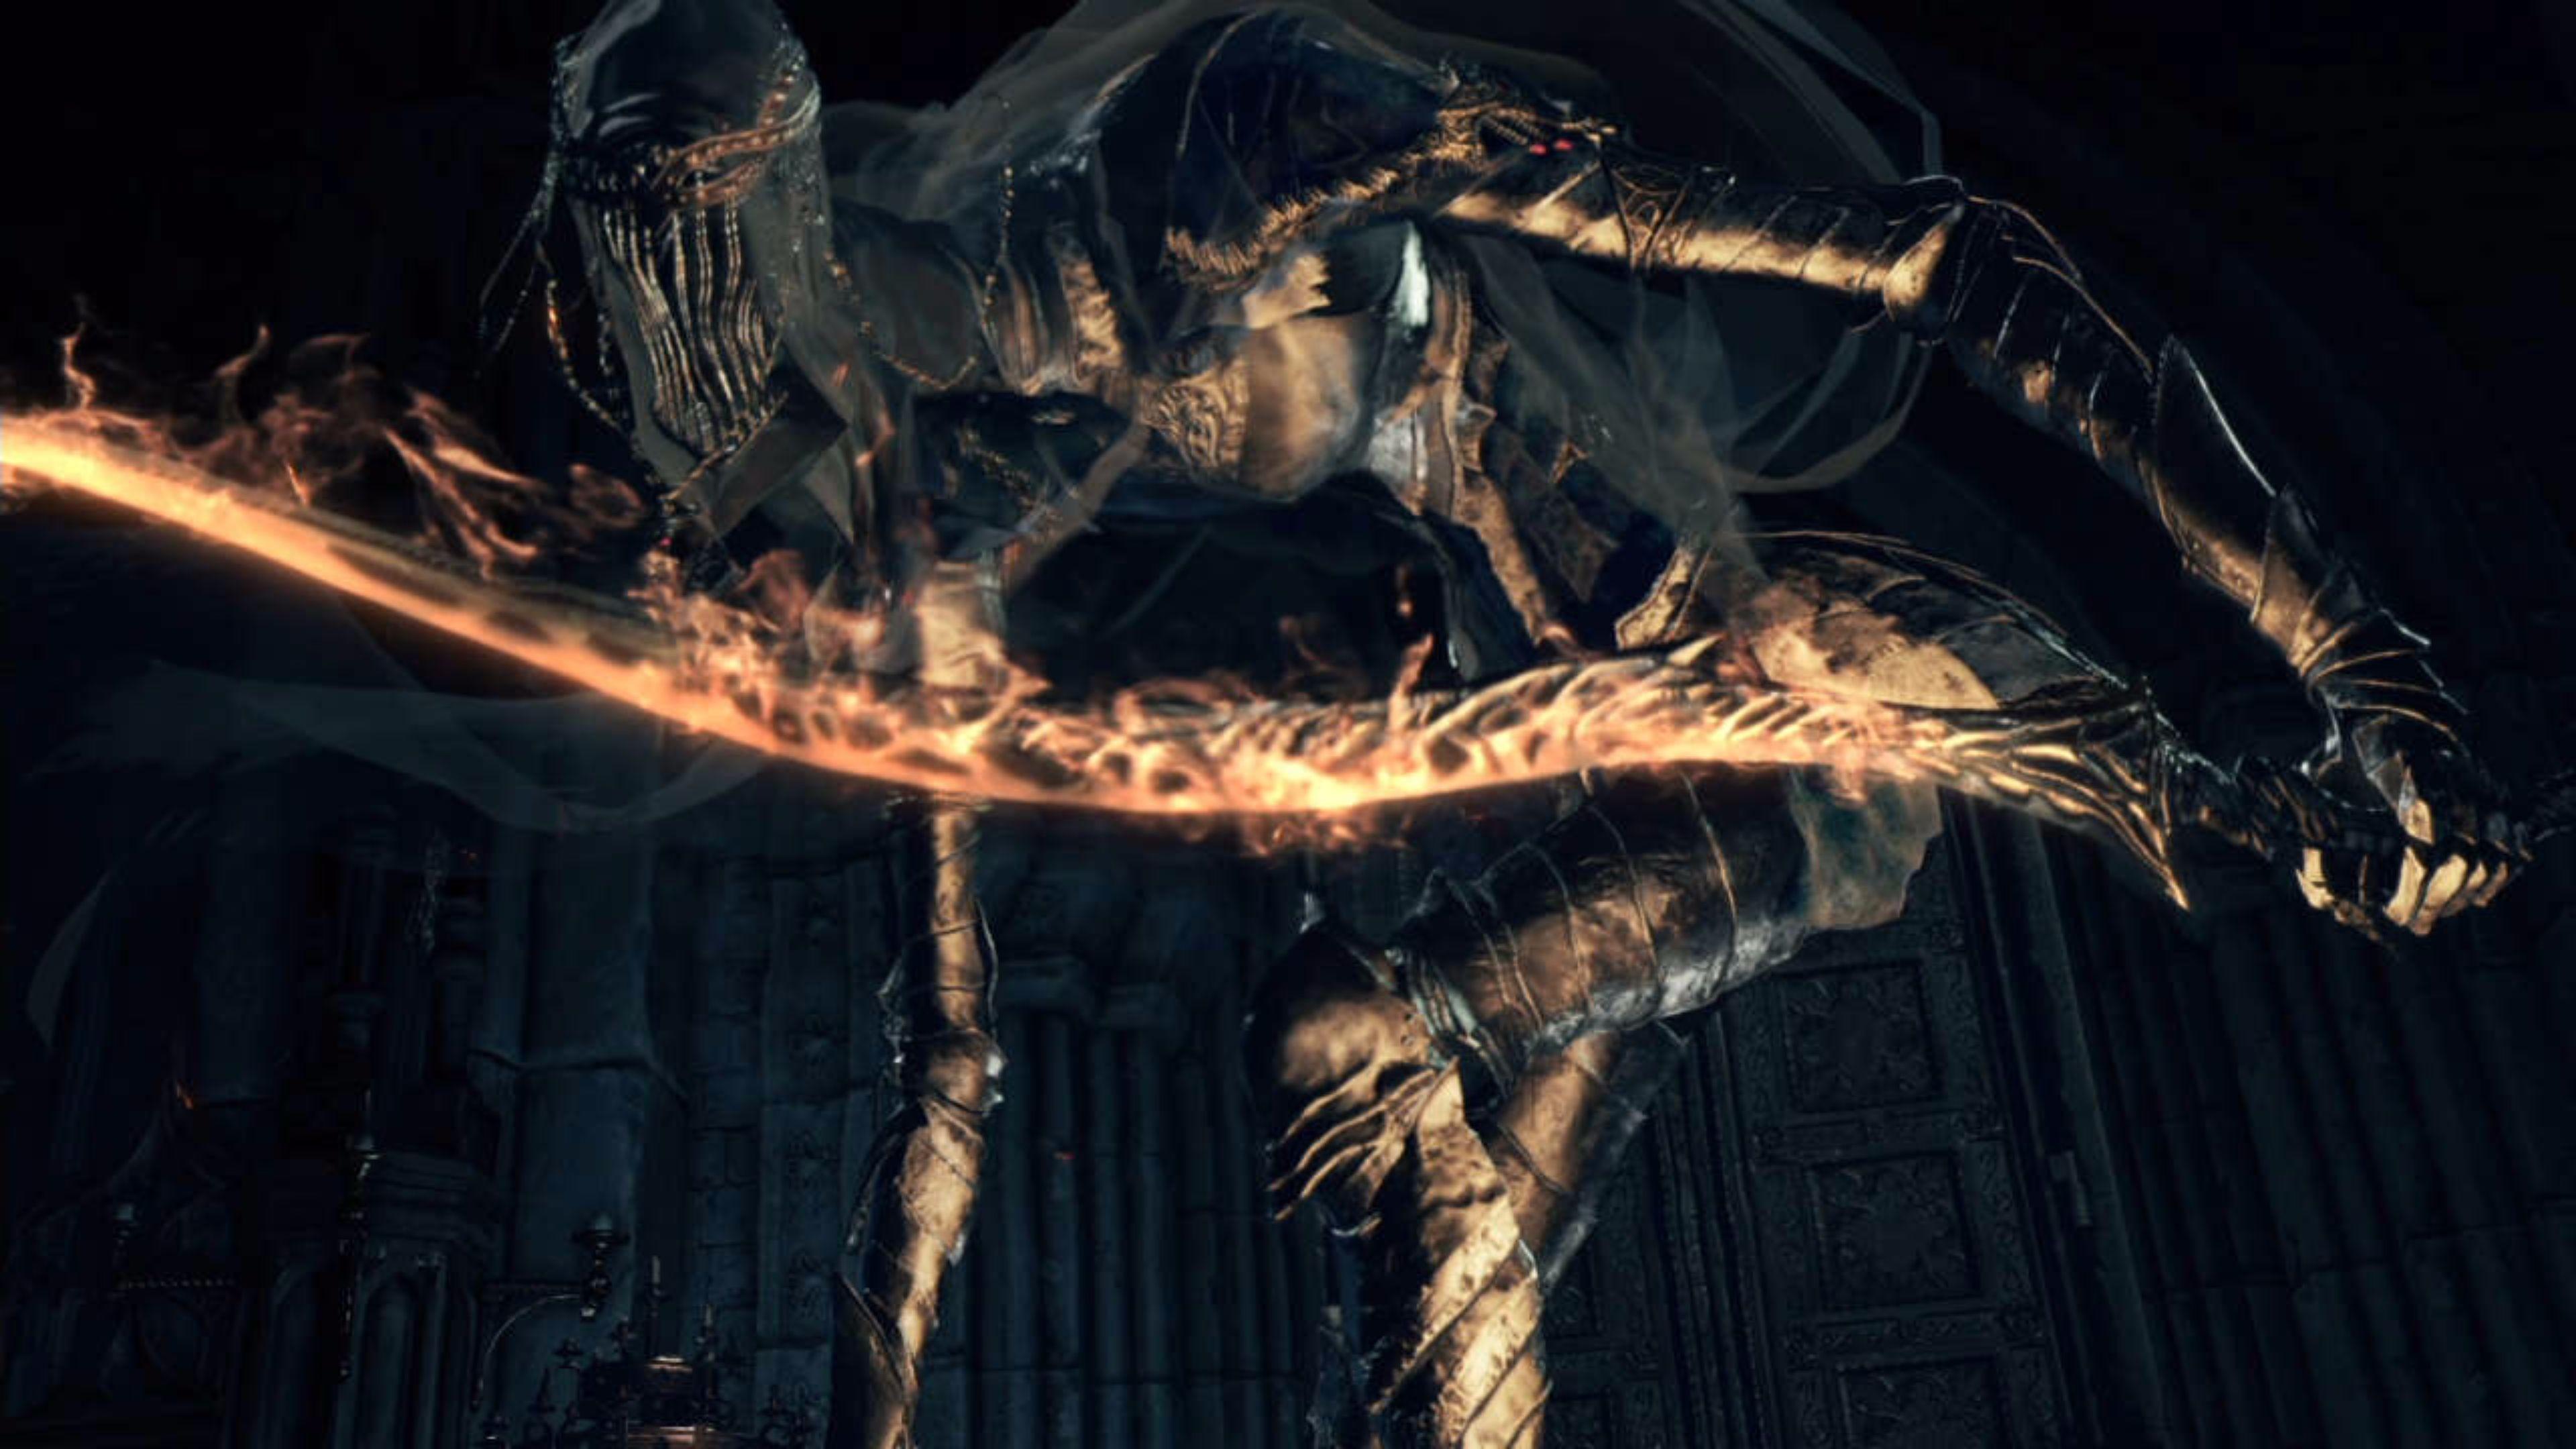 Dark Souls 3 Desktop Wallpaper – WallpaperSafari